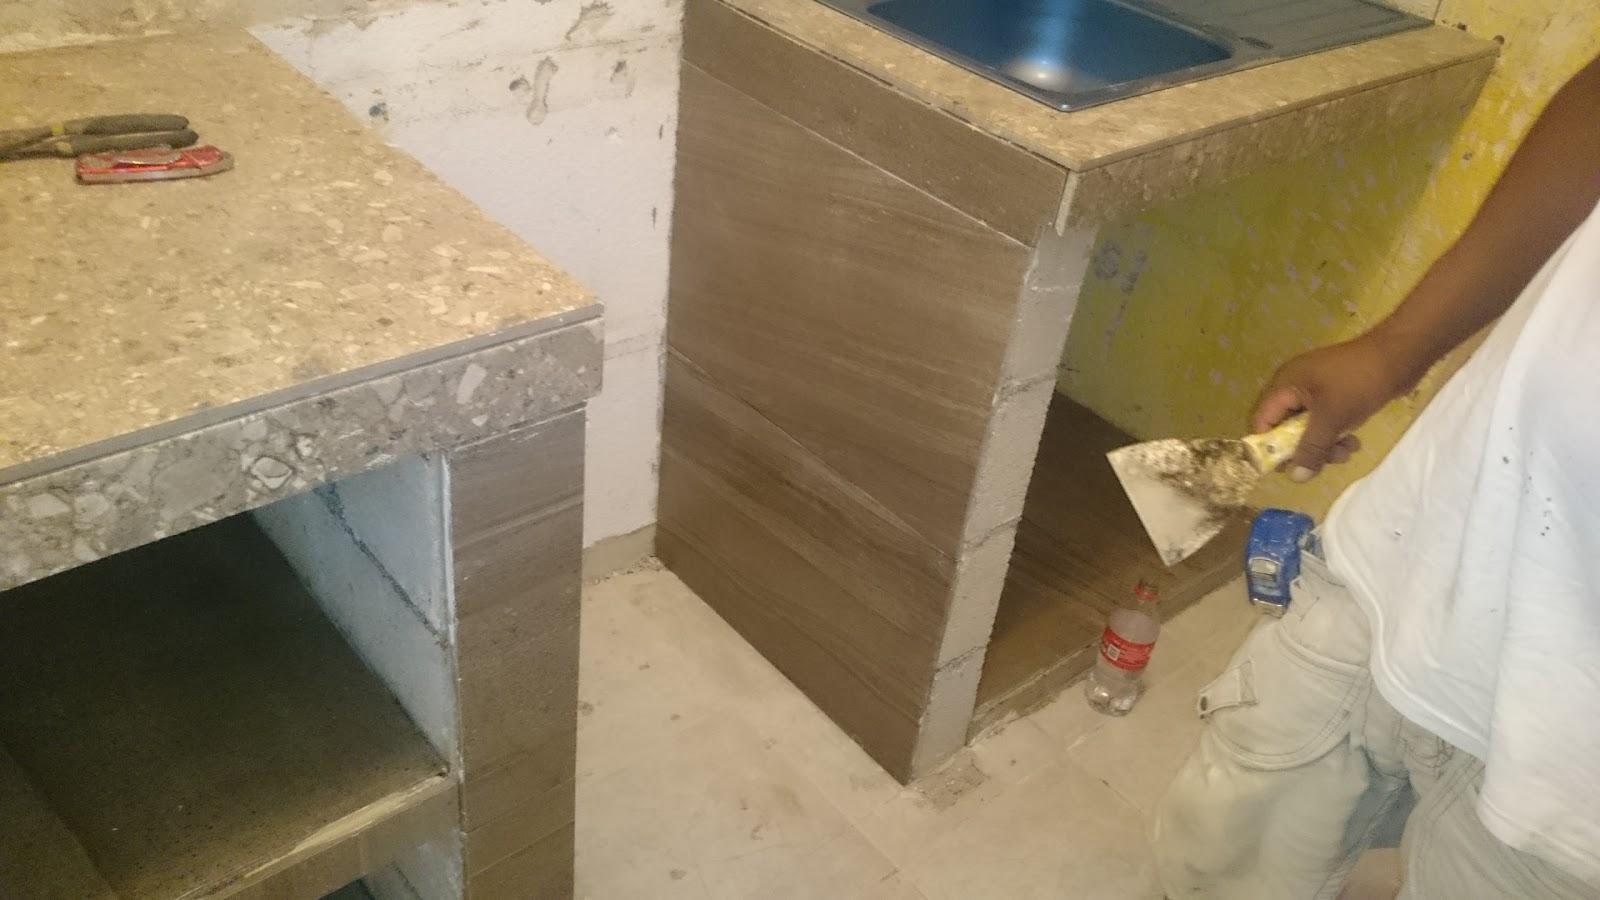 Mr repara remodelaci n de cocina mision de las flores for Desayunadores de concreto